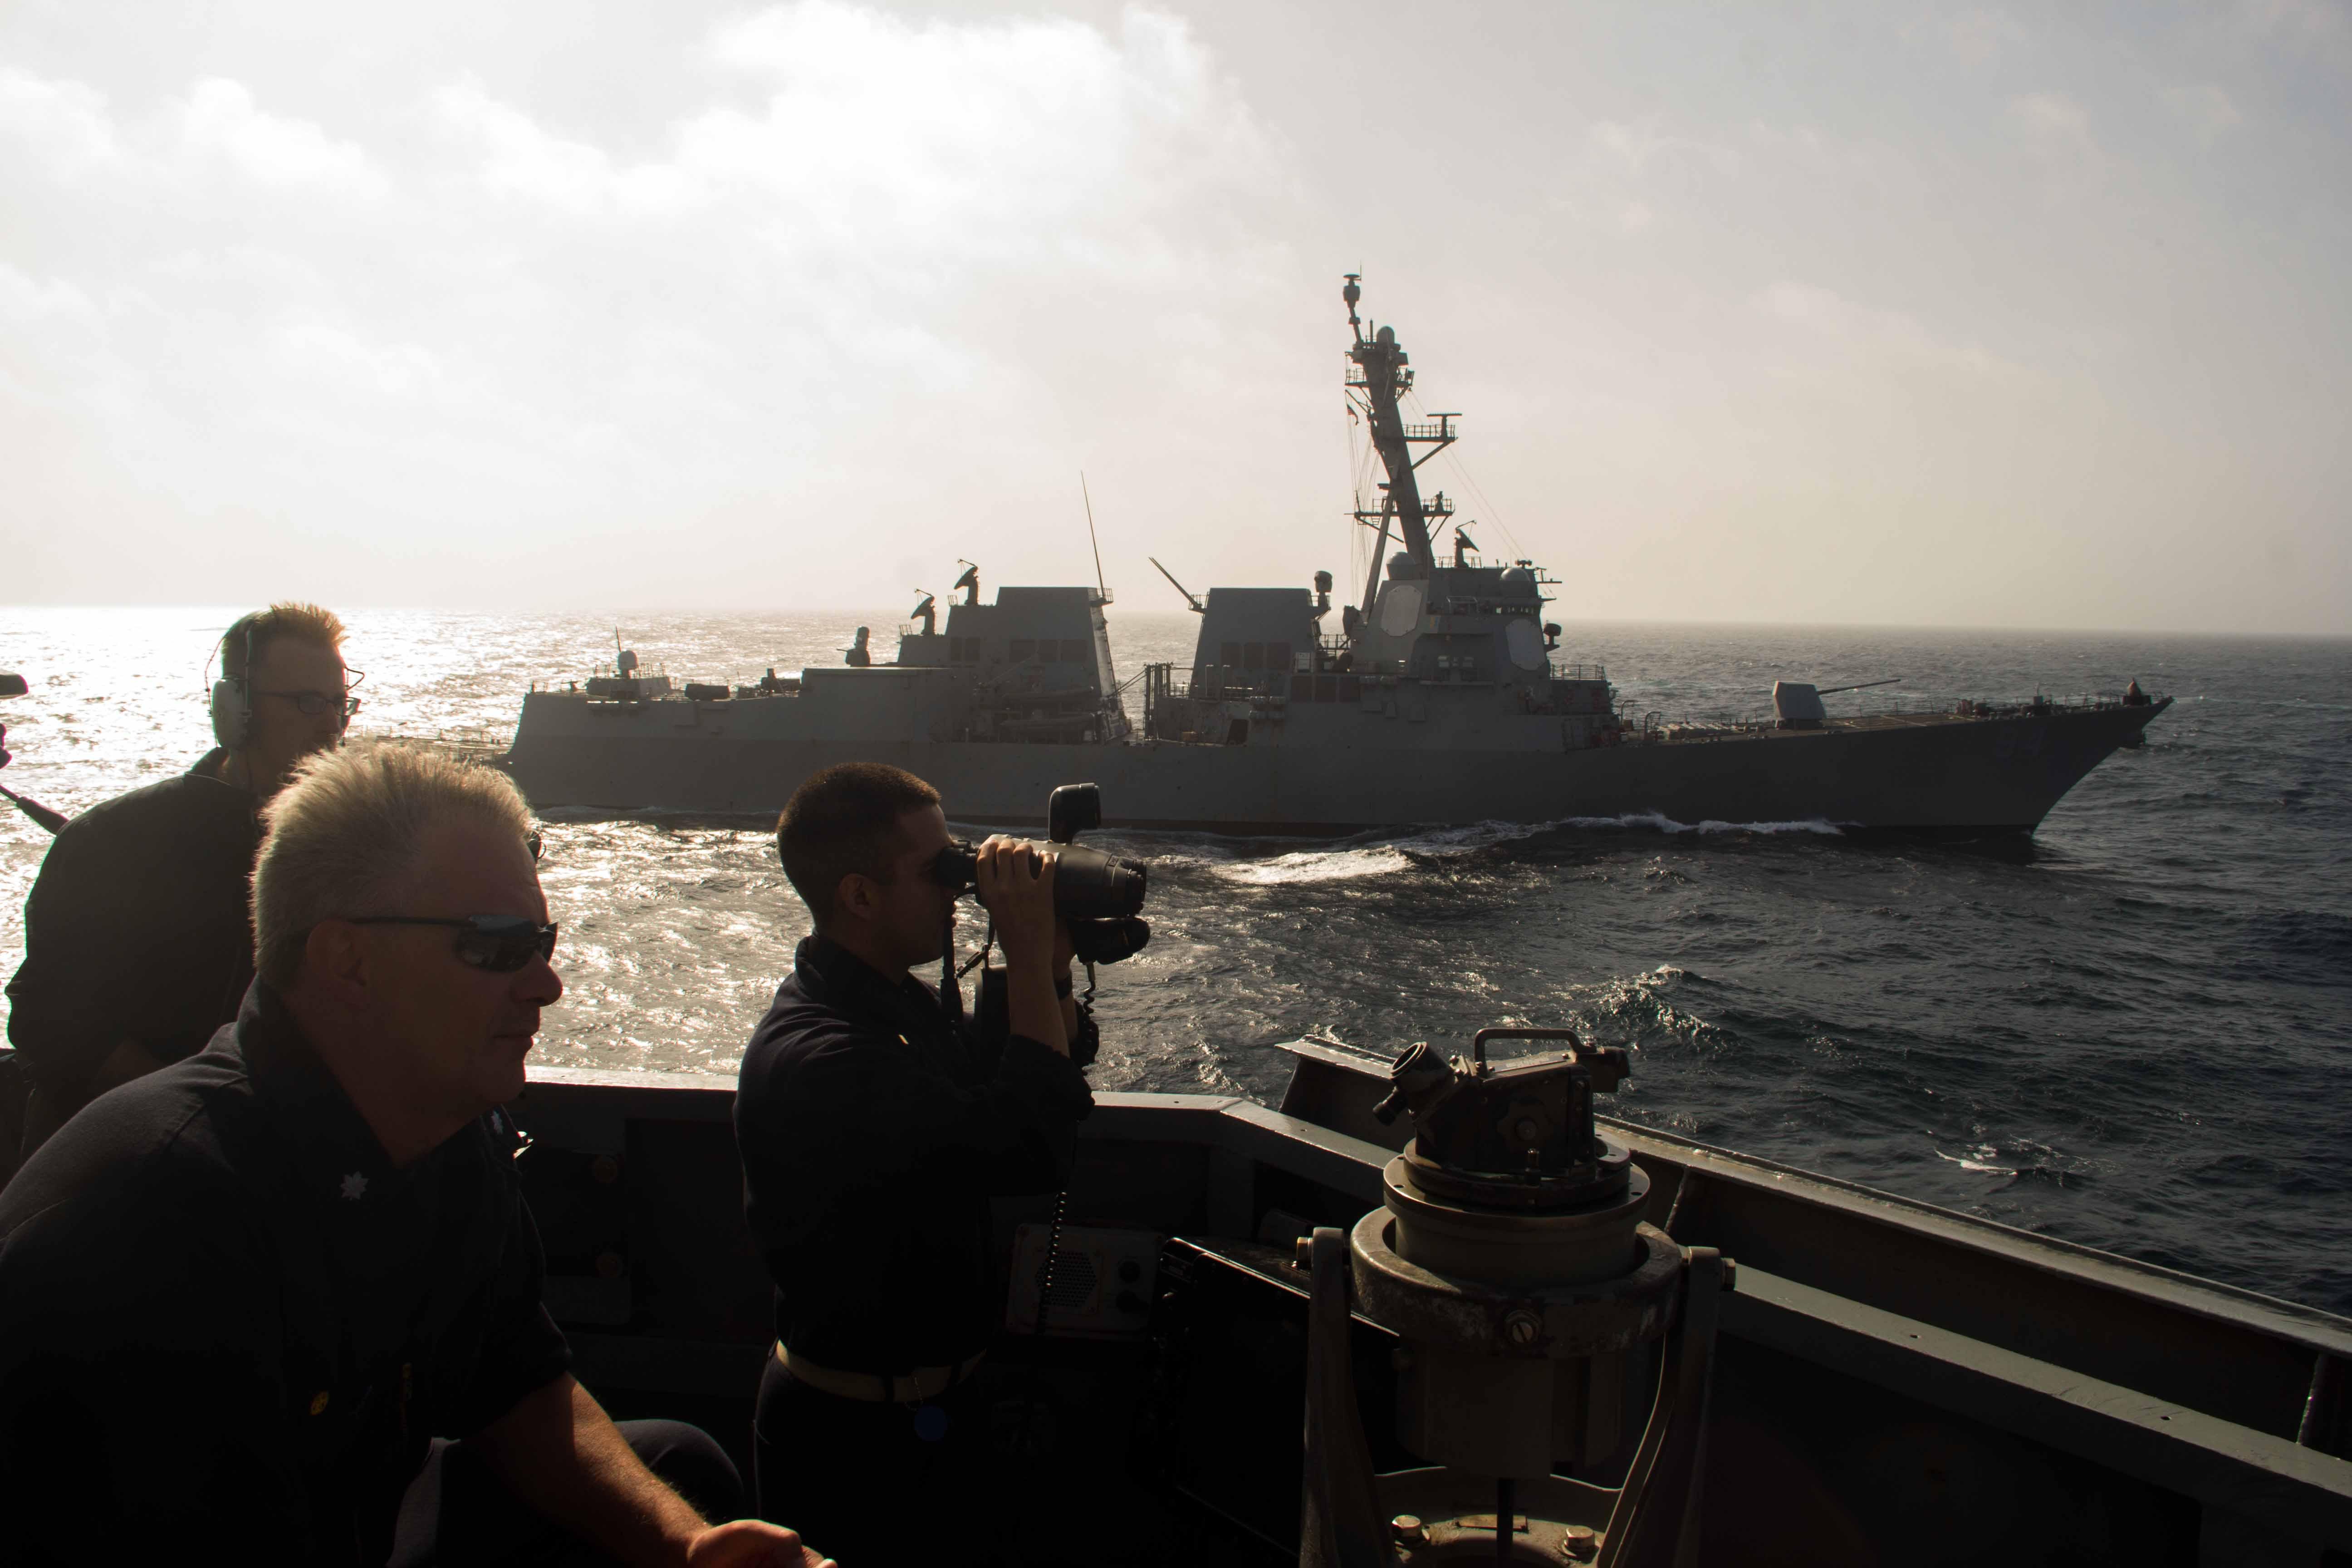 UAE says crewmen injured in Houthi attack on ship near Yemen